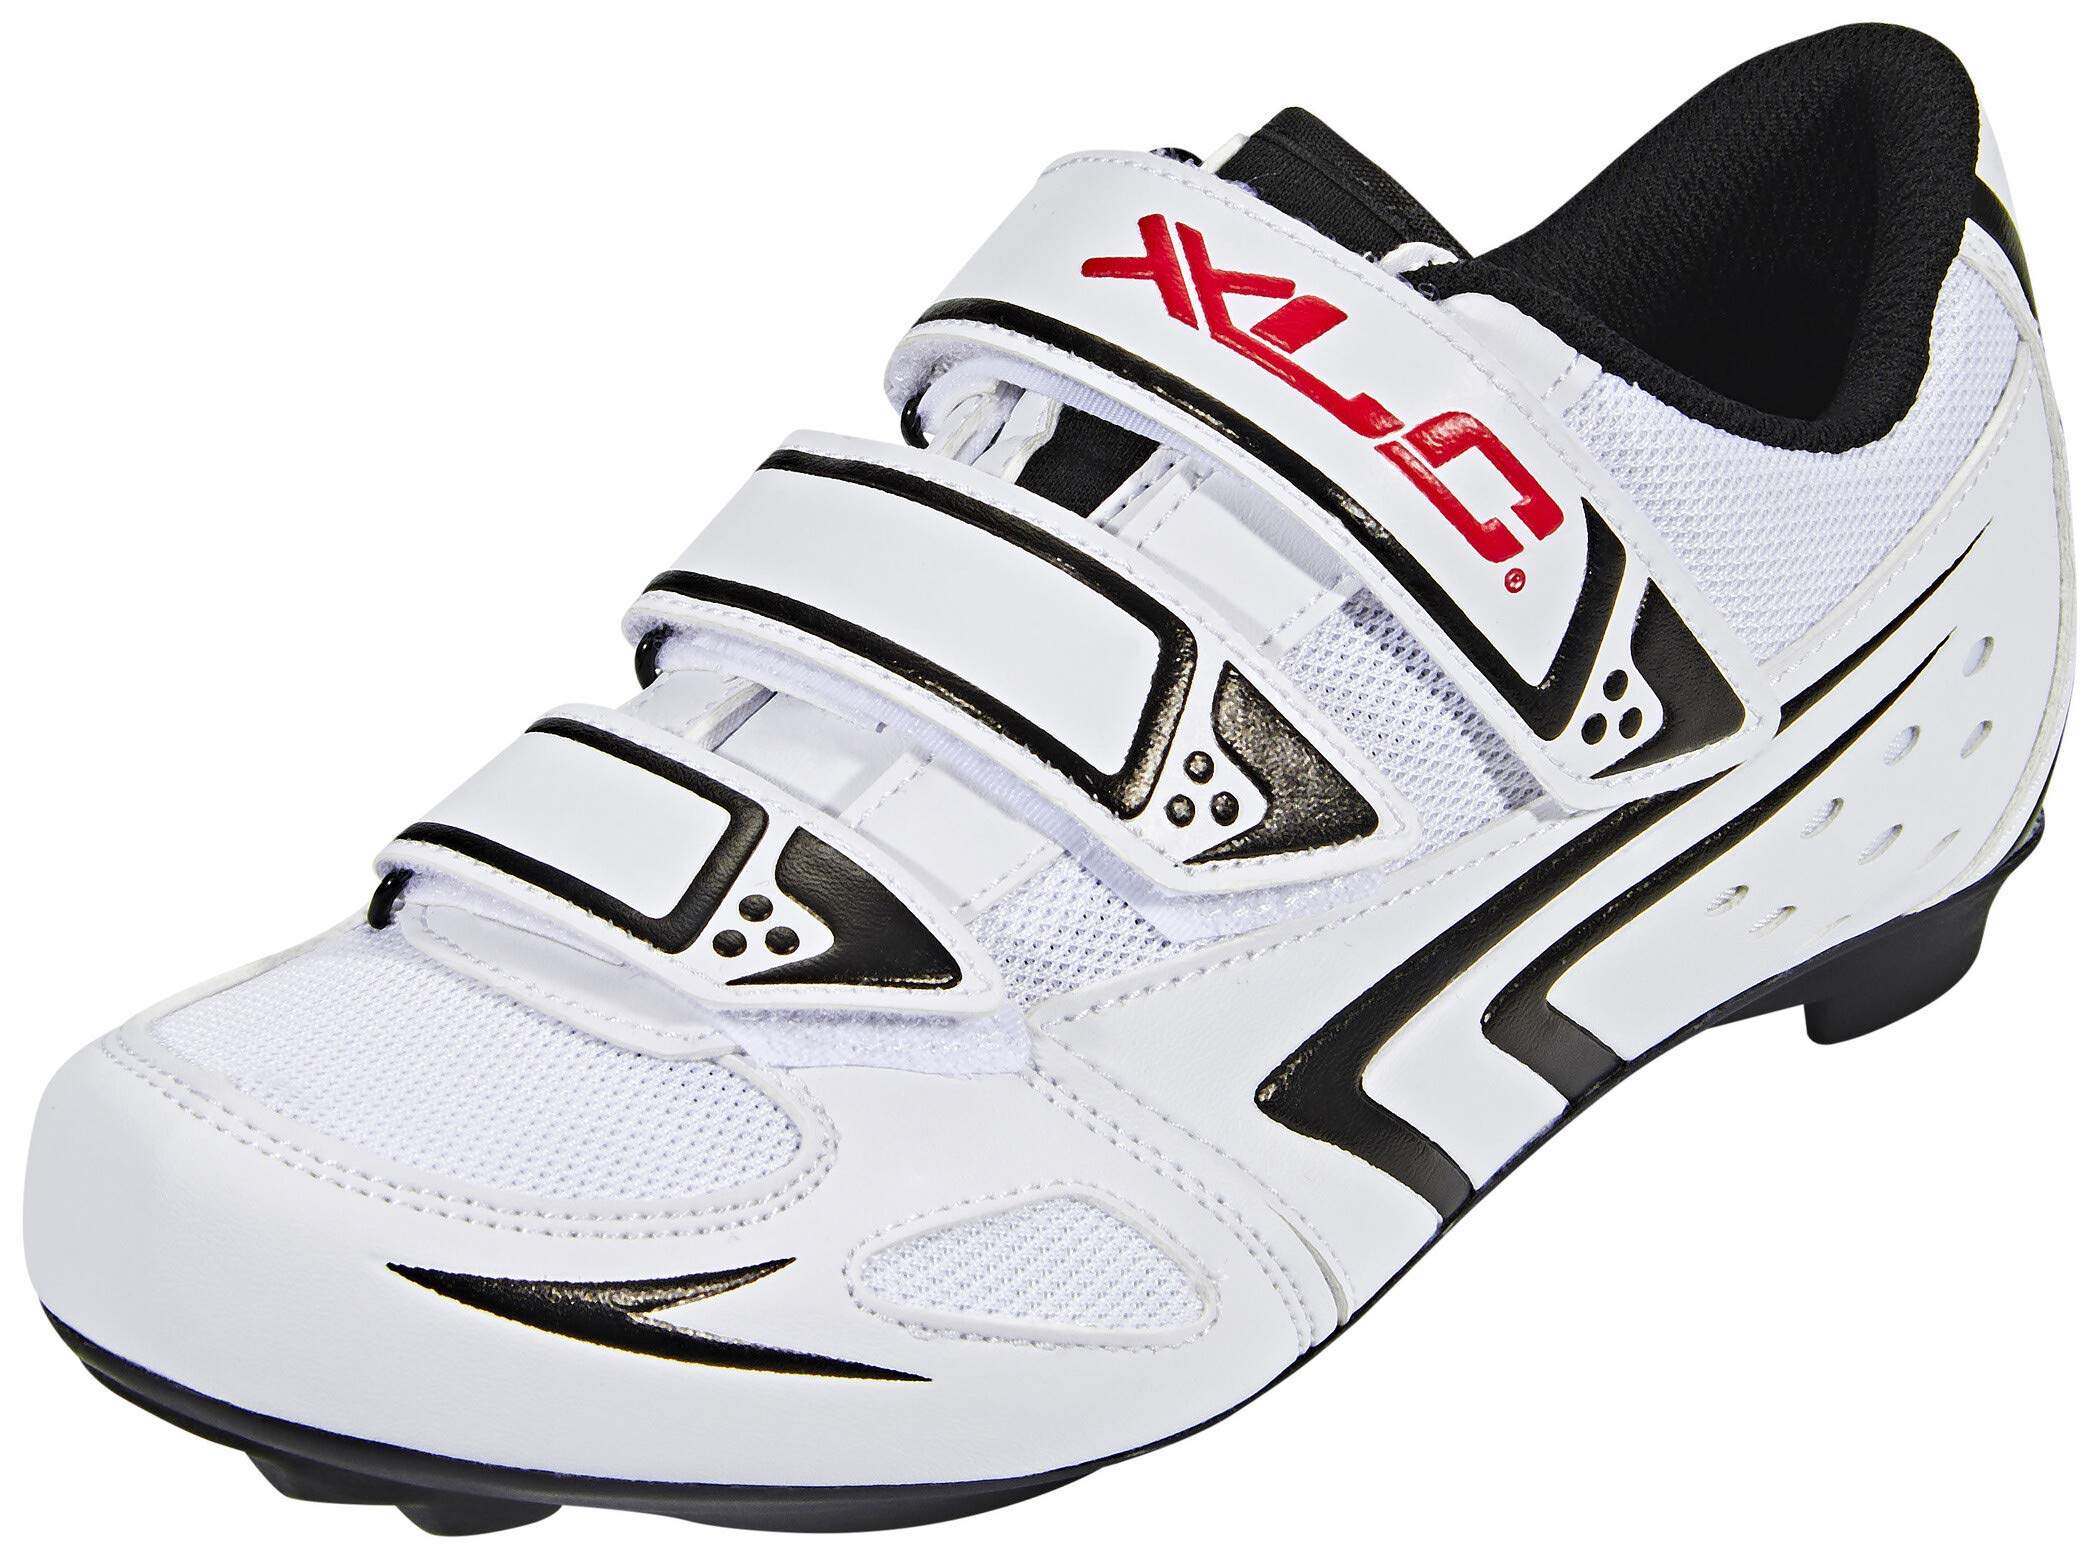 XLC Herren CB-R04 Radsportschuhe, Weiß (Weiß Weiß), 46 EU